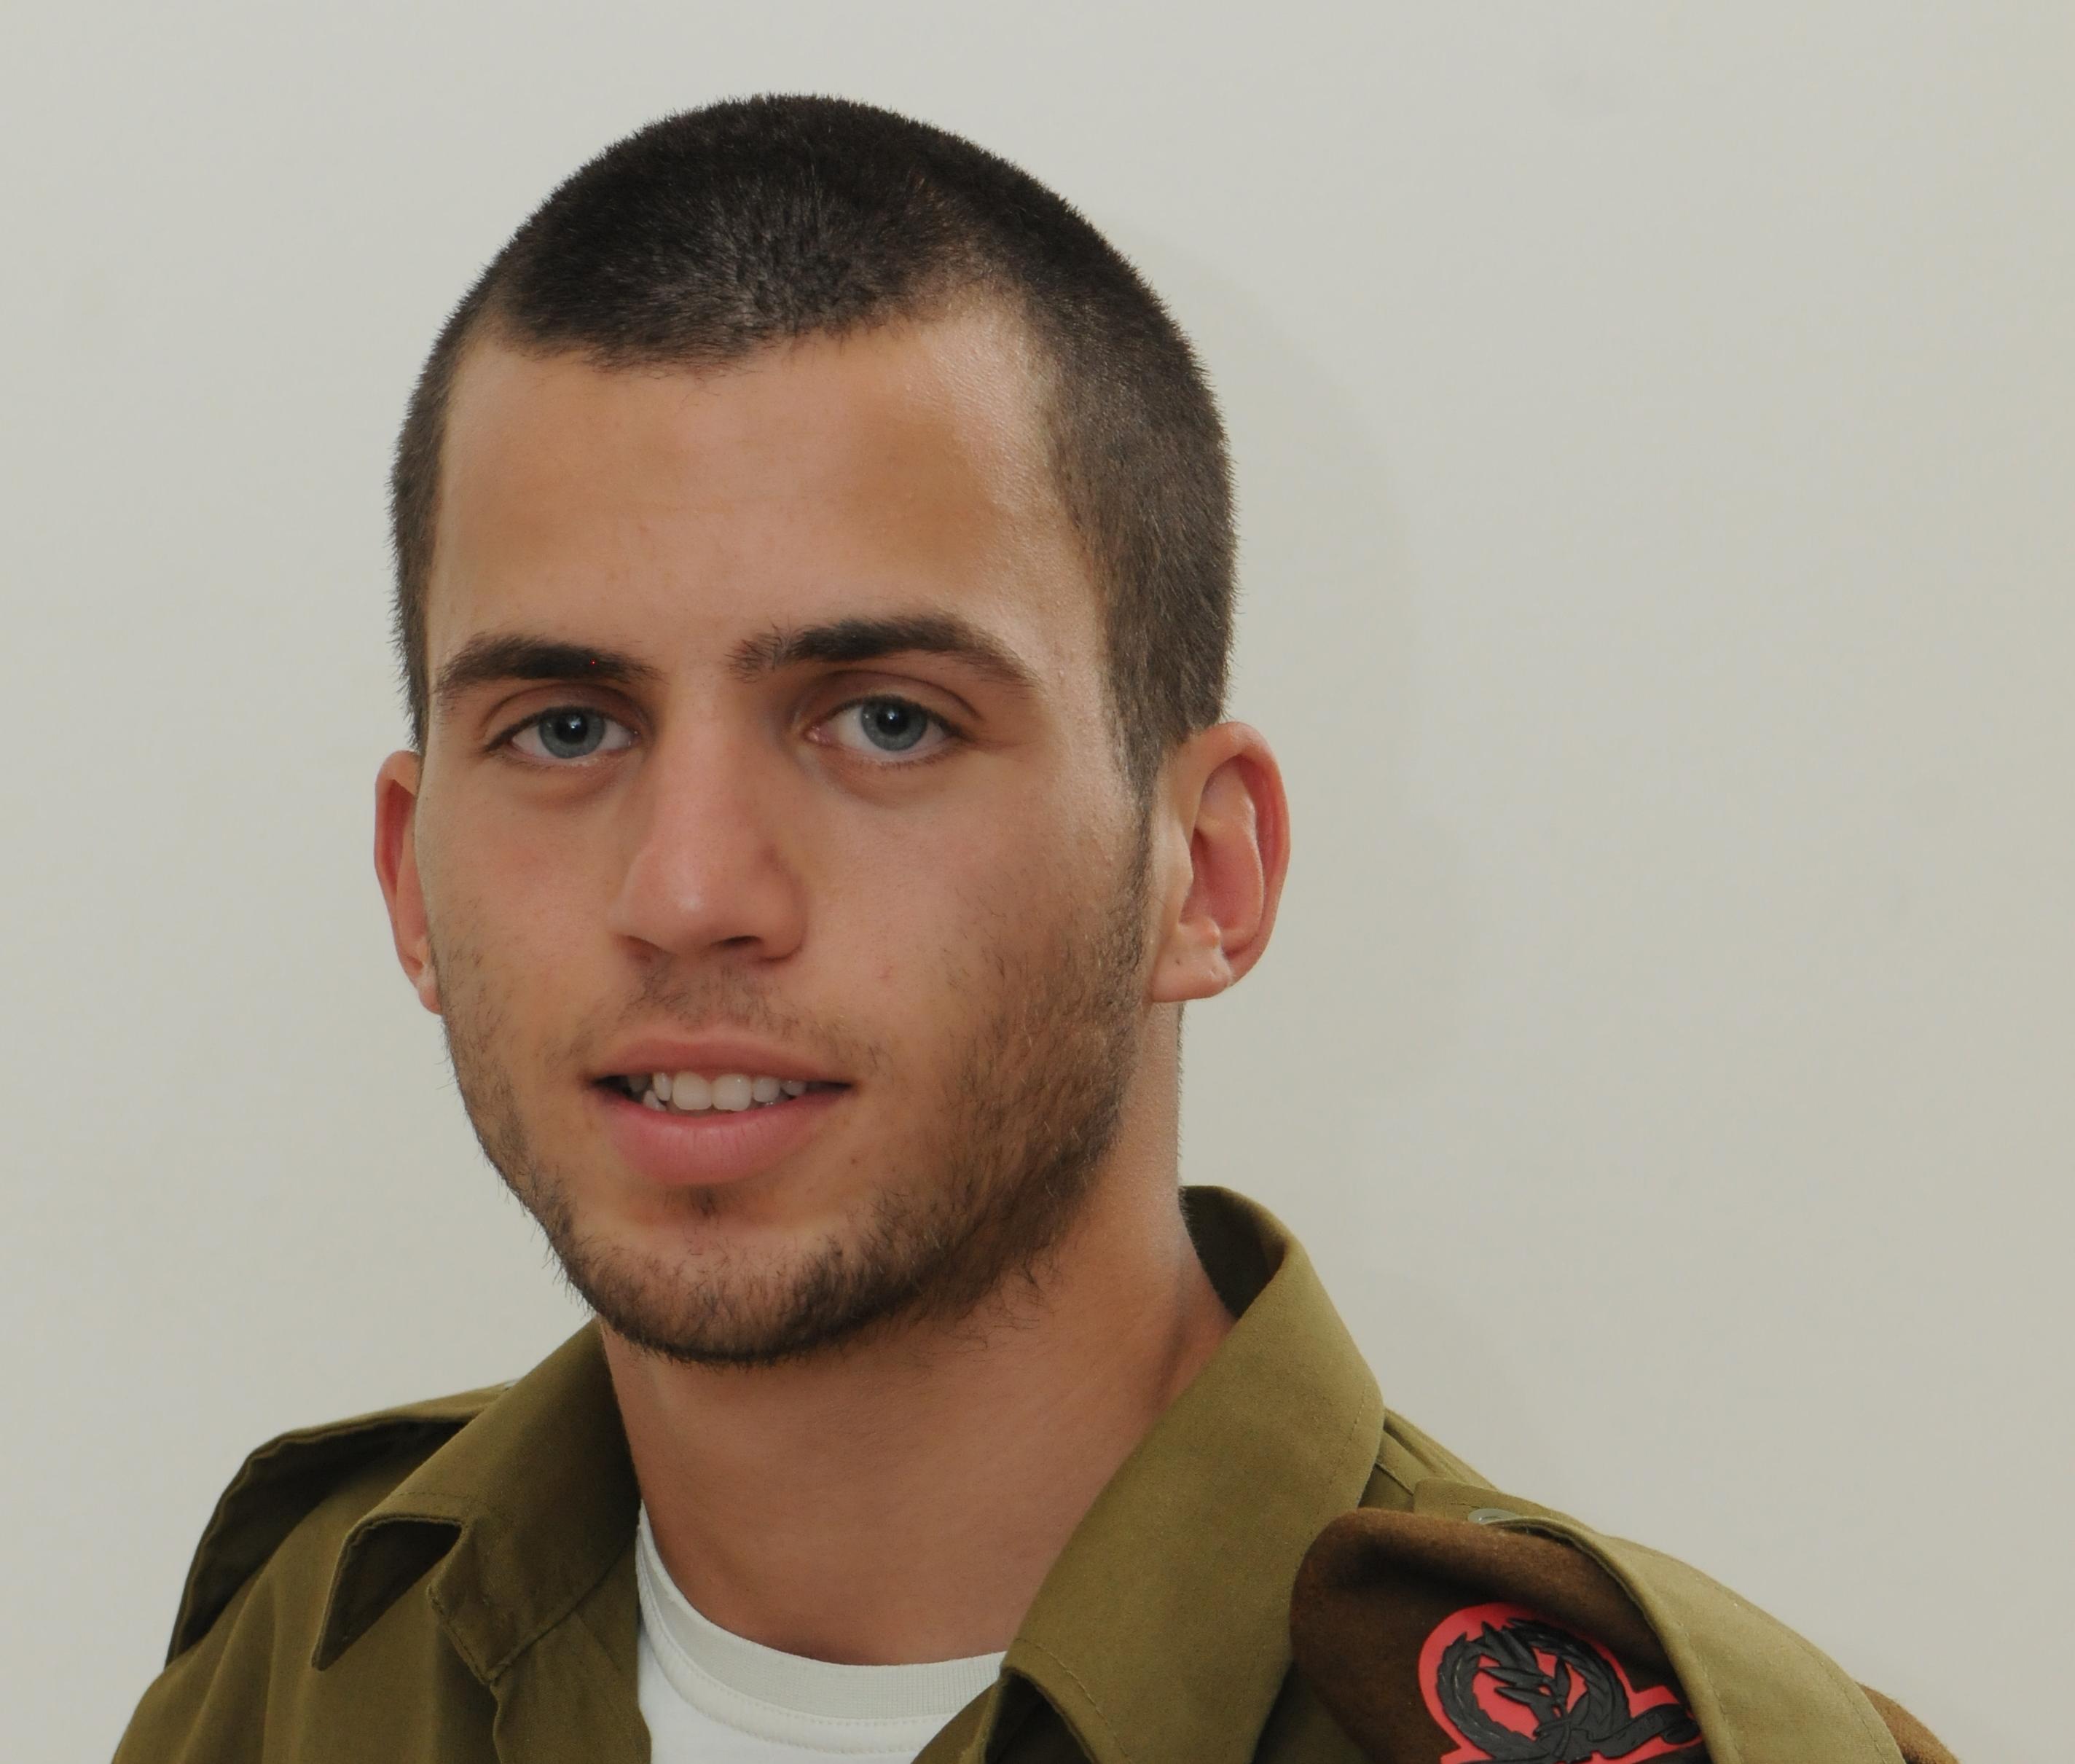 """דיווח פלסטיני: """"ישראל מנהלת מו""""מ לחילופי שבויים עם חמאס"""""""